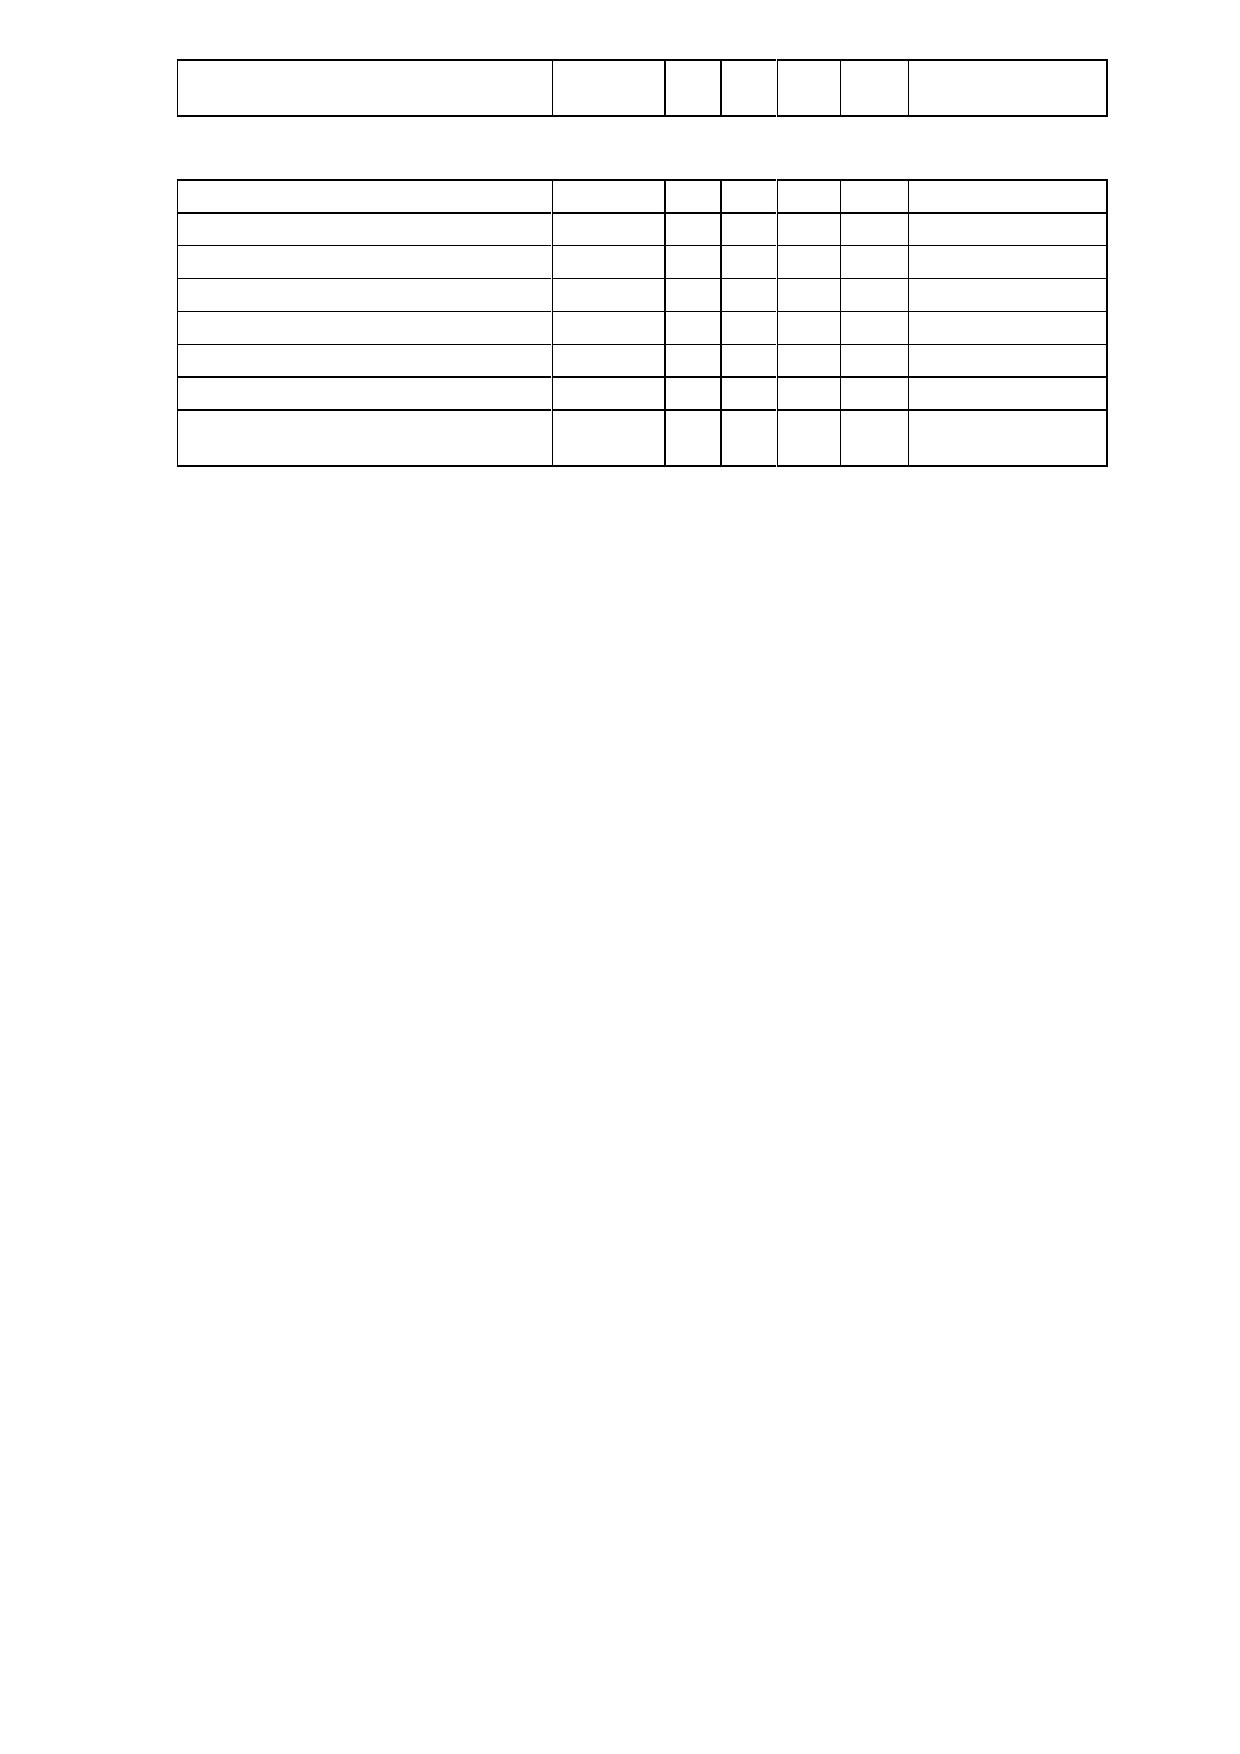 WCN3-0050GU-A11 pdf